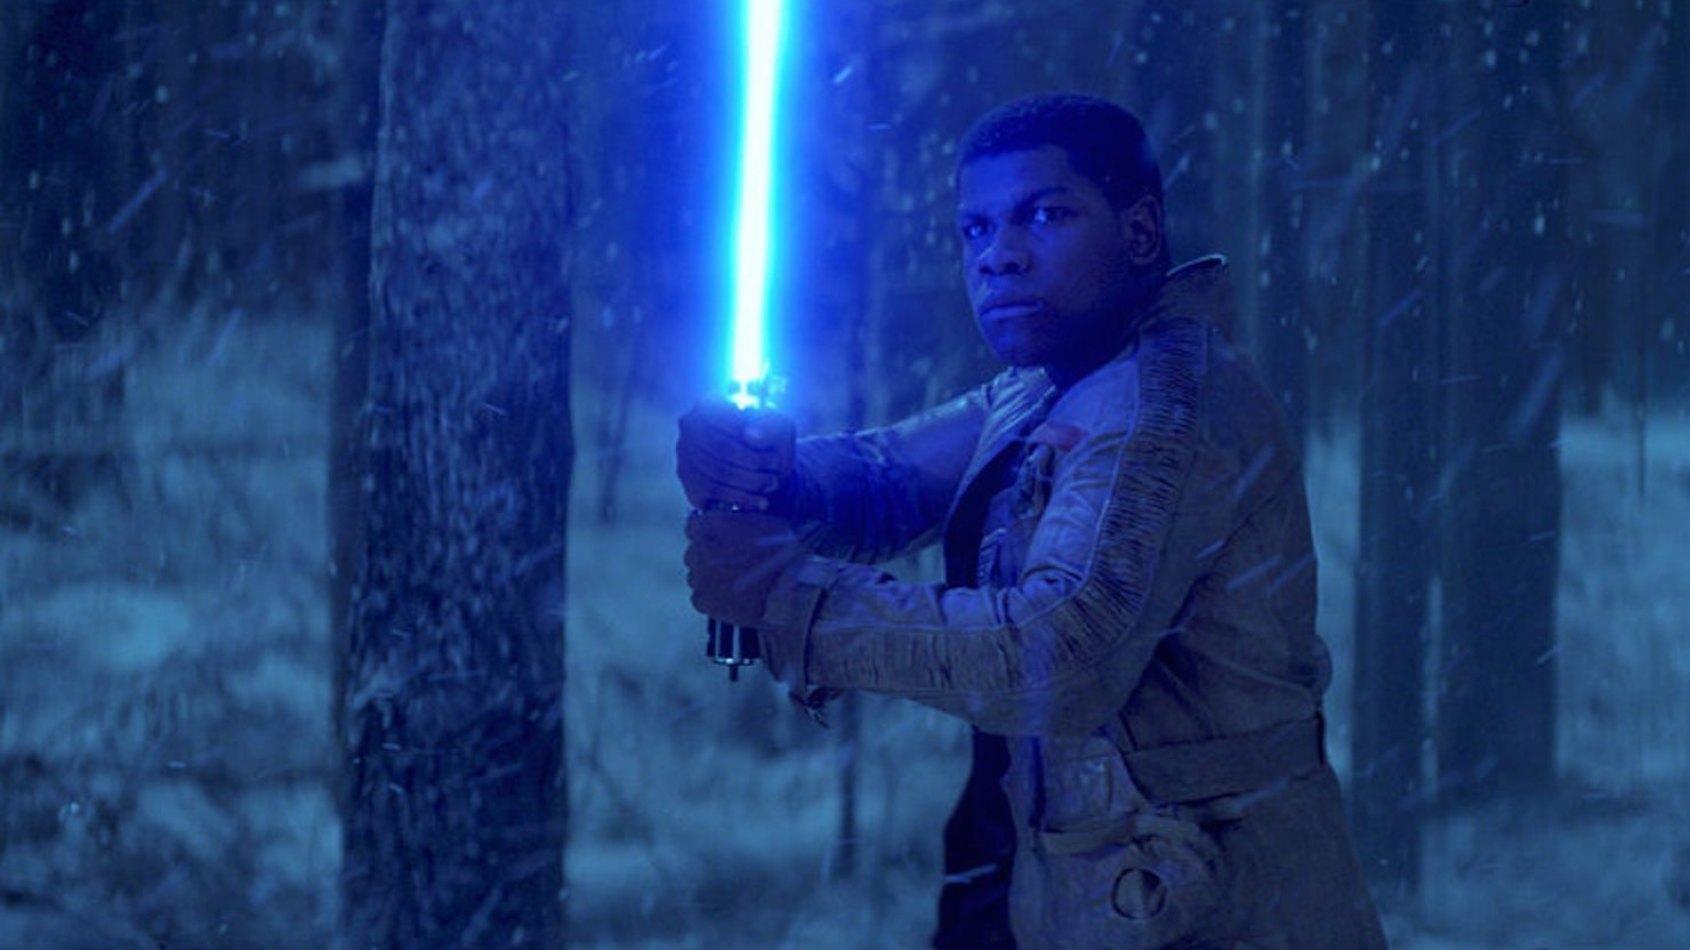 Selon Daisy Ridley, Finn pourrait être également sensible à la Force